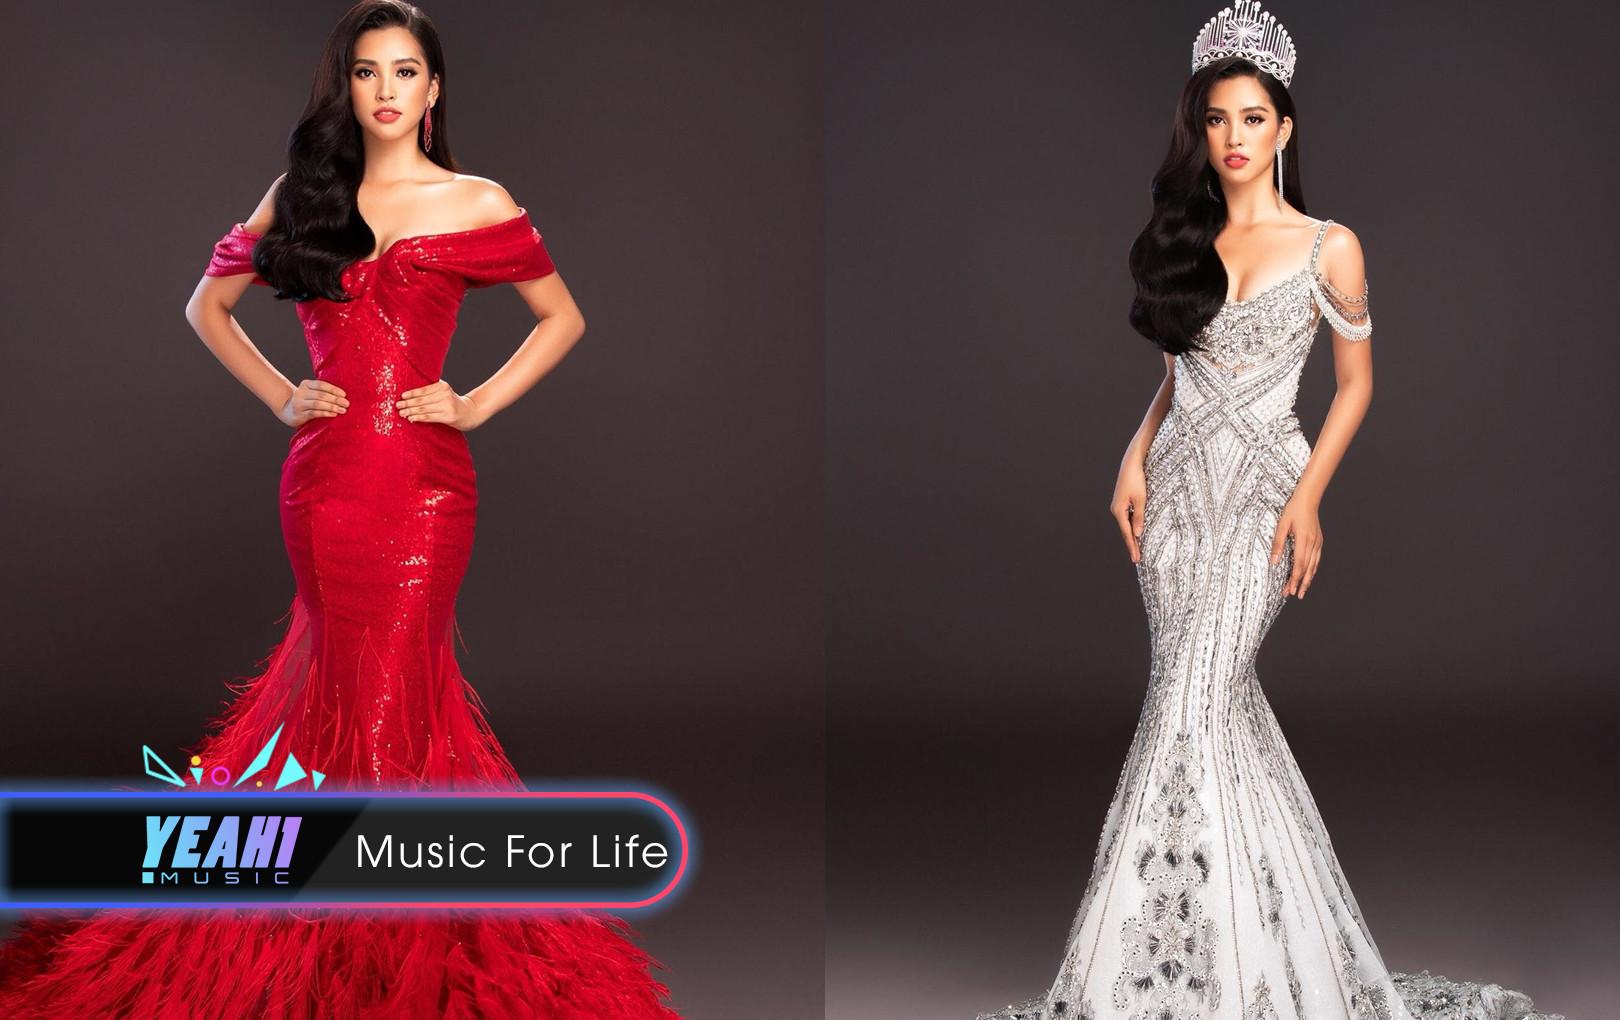 Nhờ fan chọn dùm bộ váy dạ hội tại Miss World 2018, Hoa hậu Trần Tiểu Vy nhận lại được cái kết đắng